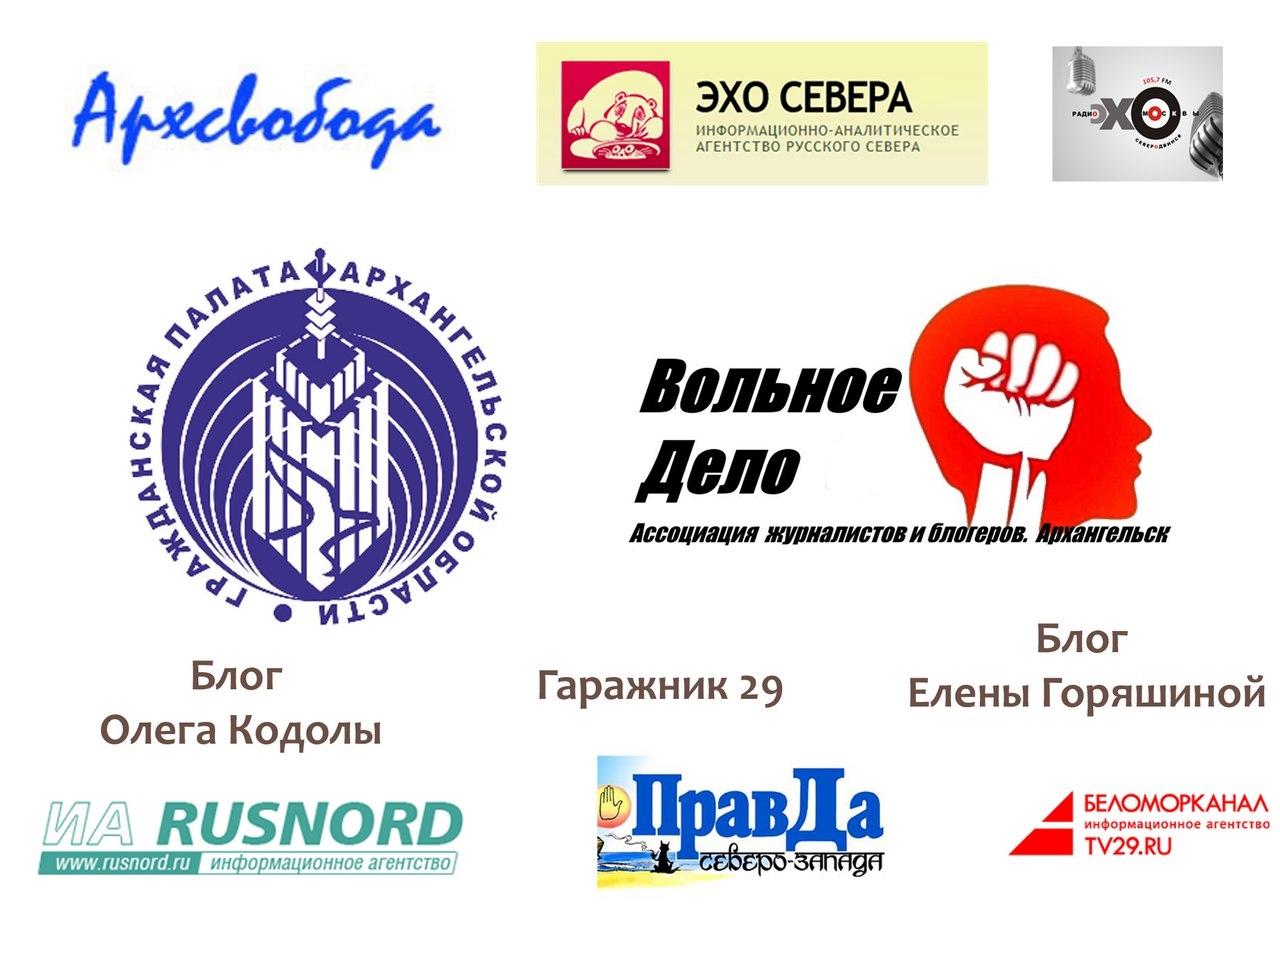 Бездомный Арктический форум 2017